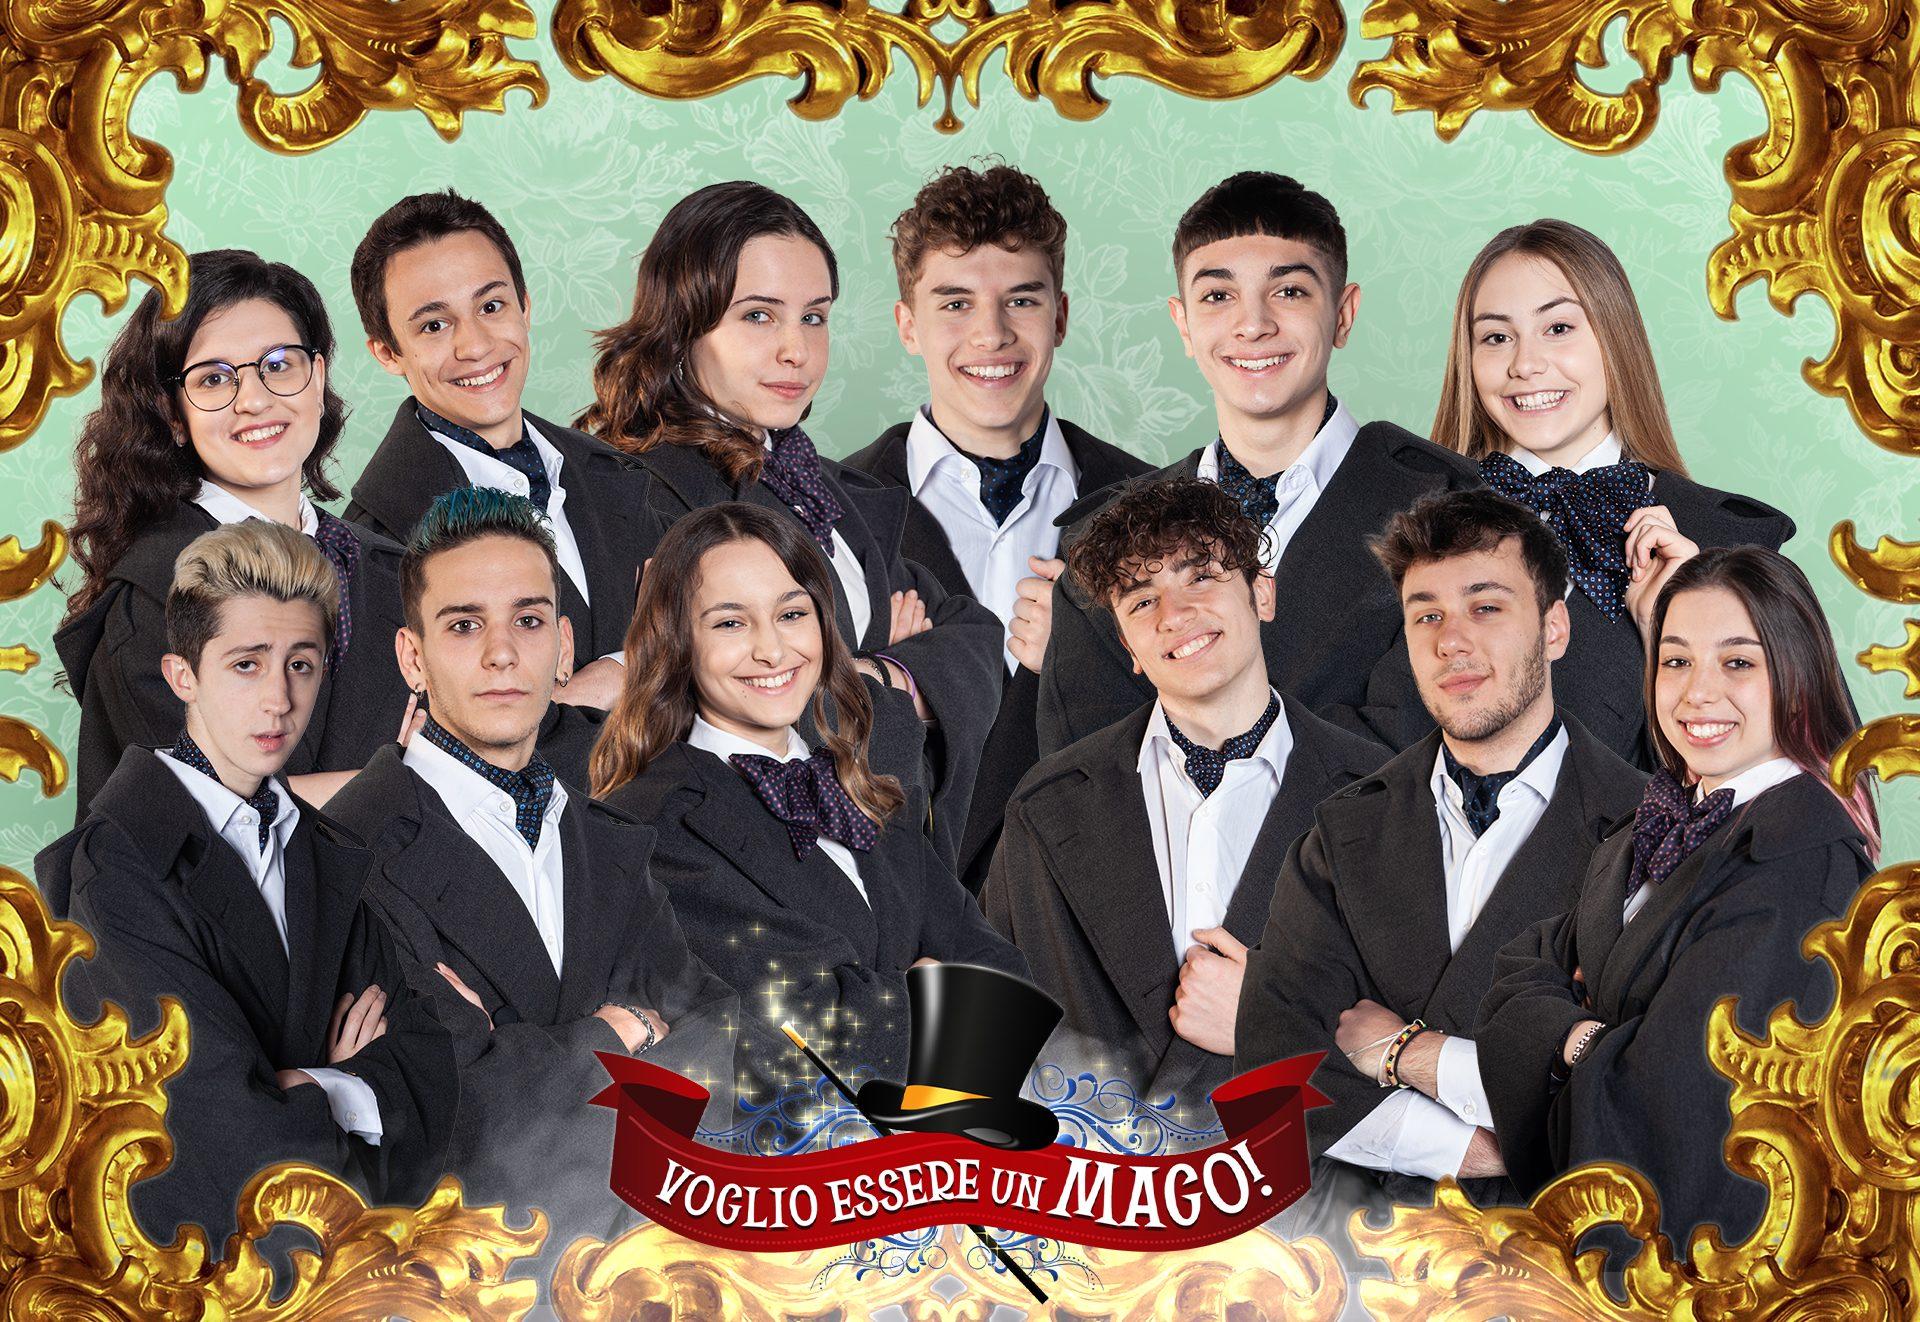 Voglio essere un mago, i nomi di concorrenti e professori nel cast del reality Rai sulla magia